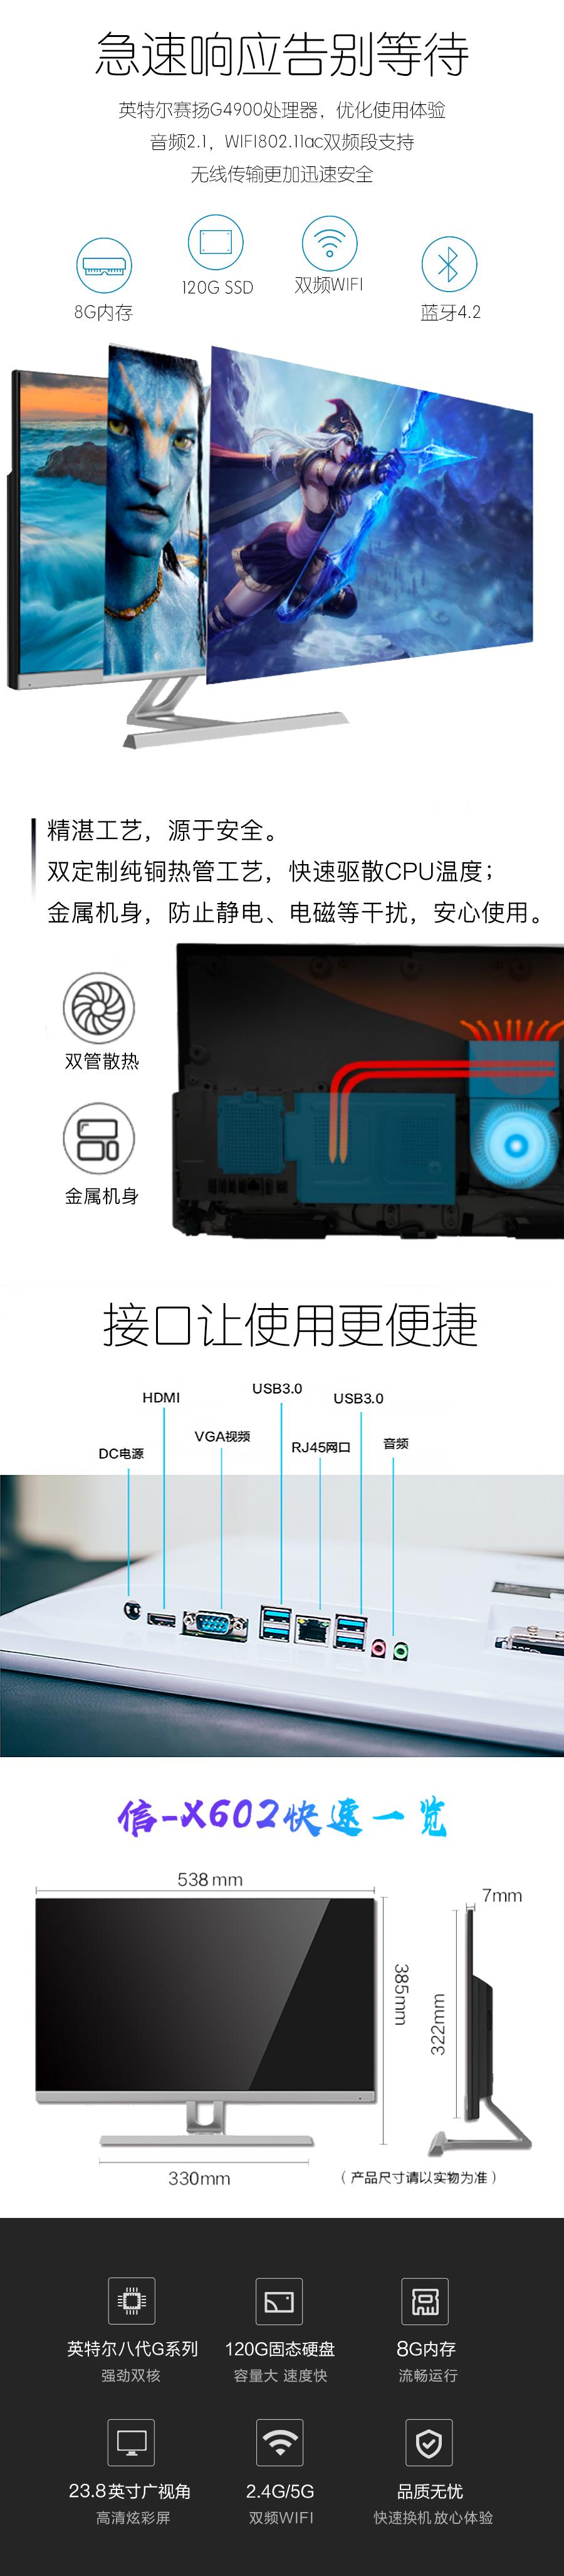 信-x602-2.png